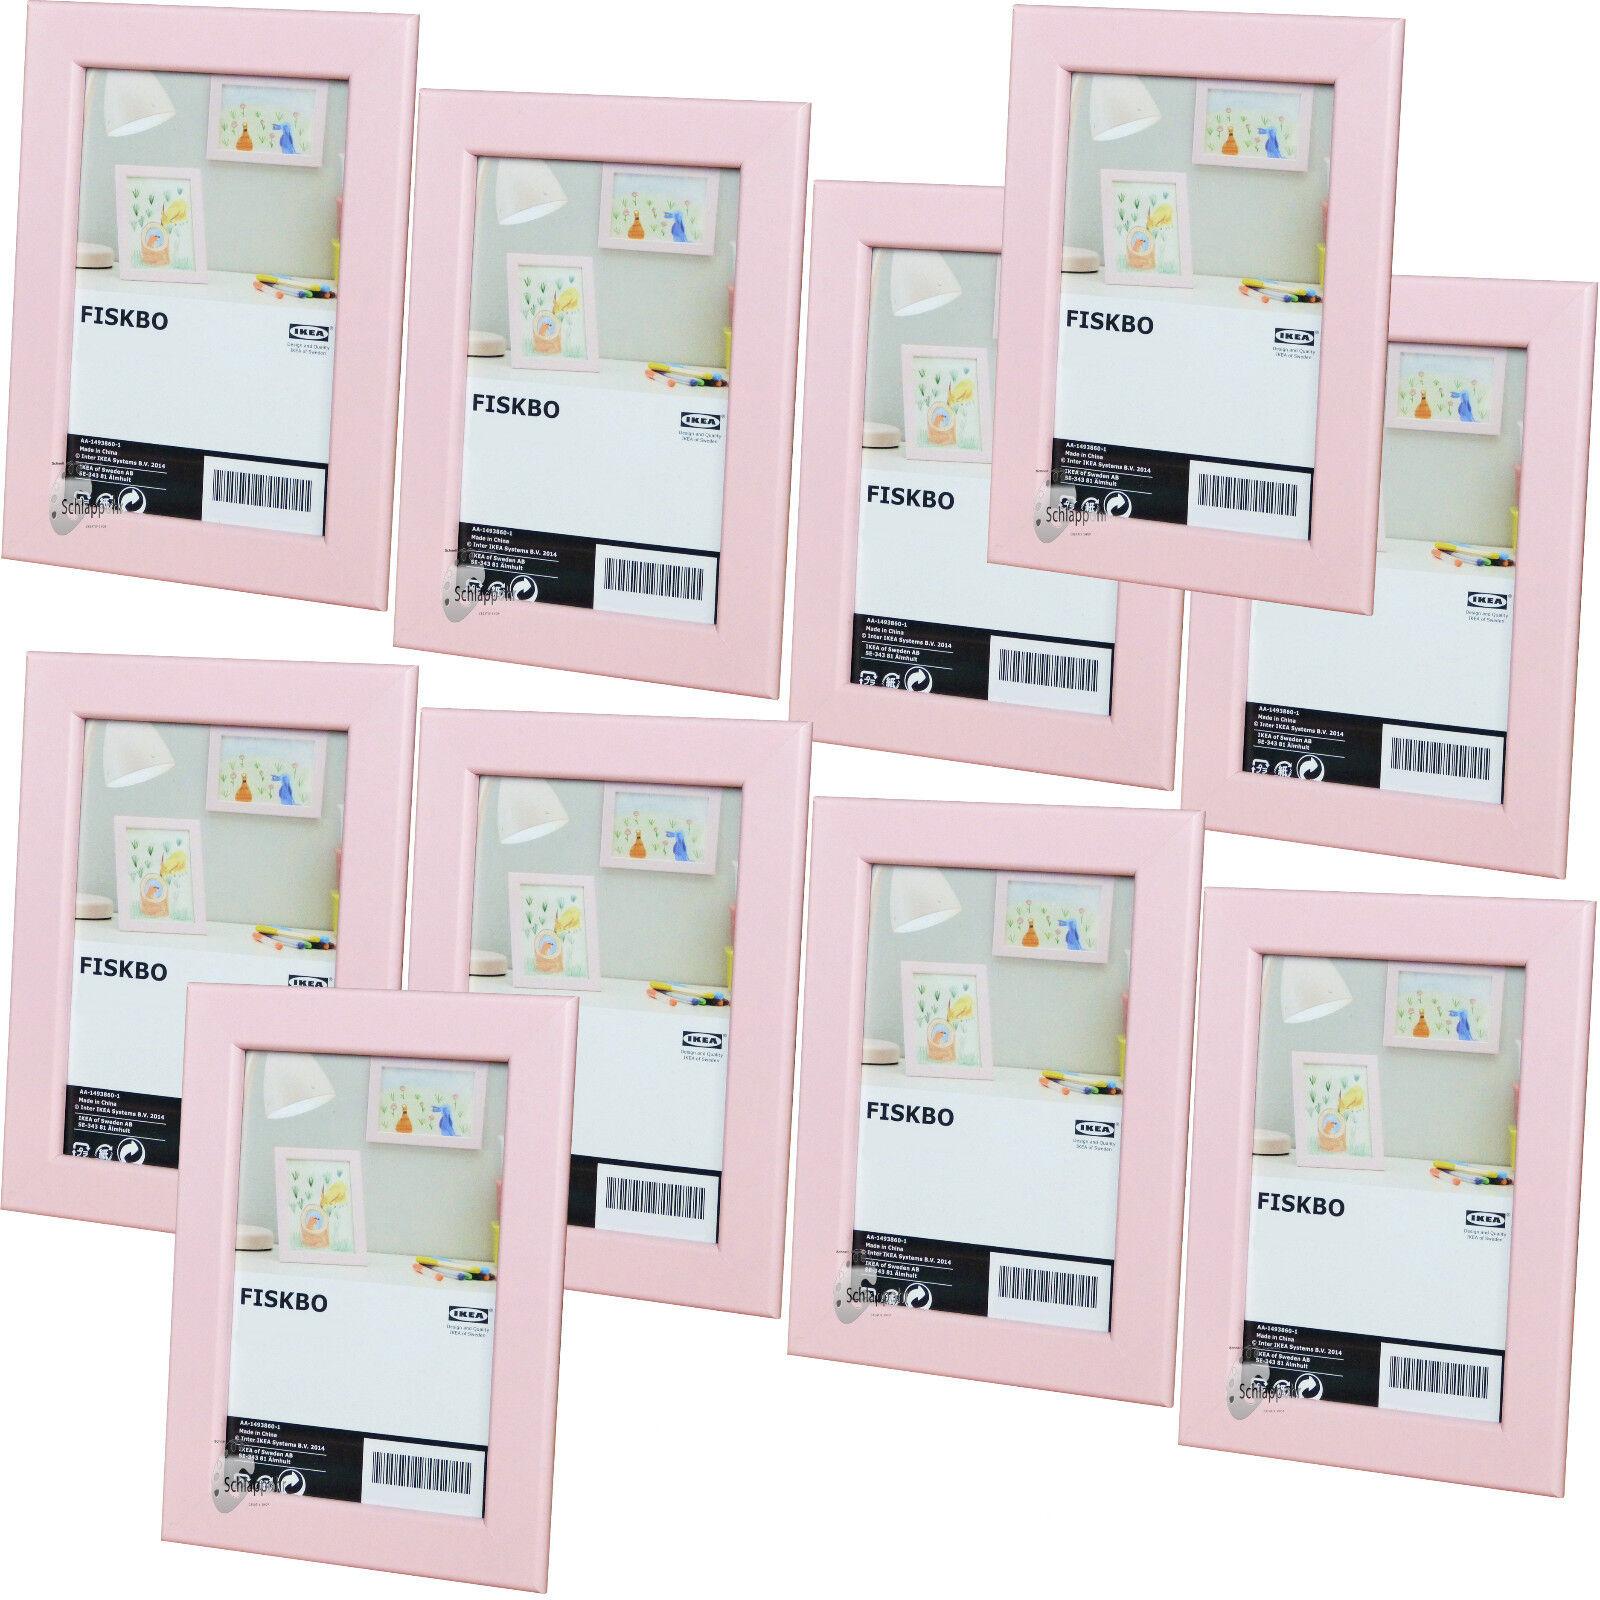 5 Stück Set IKEA FISKBO 13x18cm Fotorahmen Rosa Bilderrahmen NEU